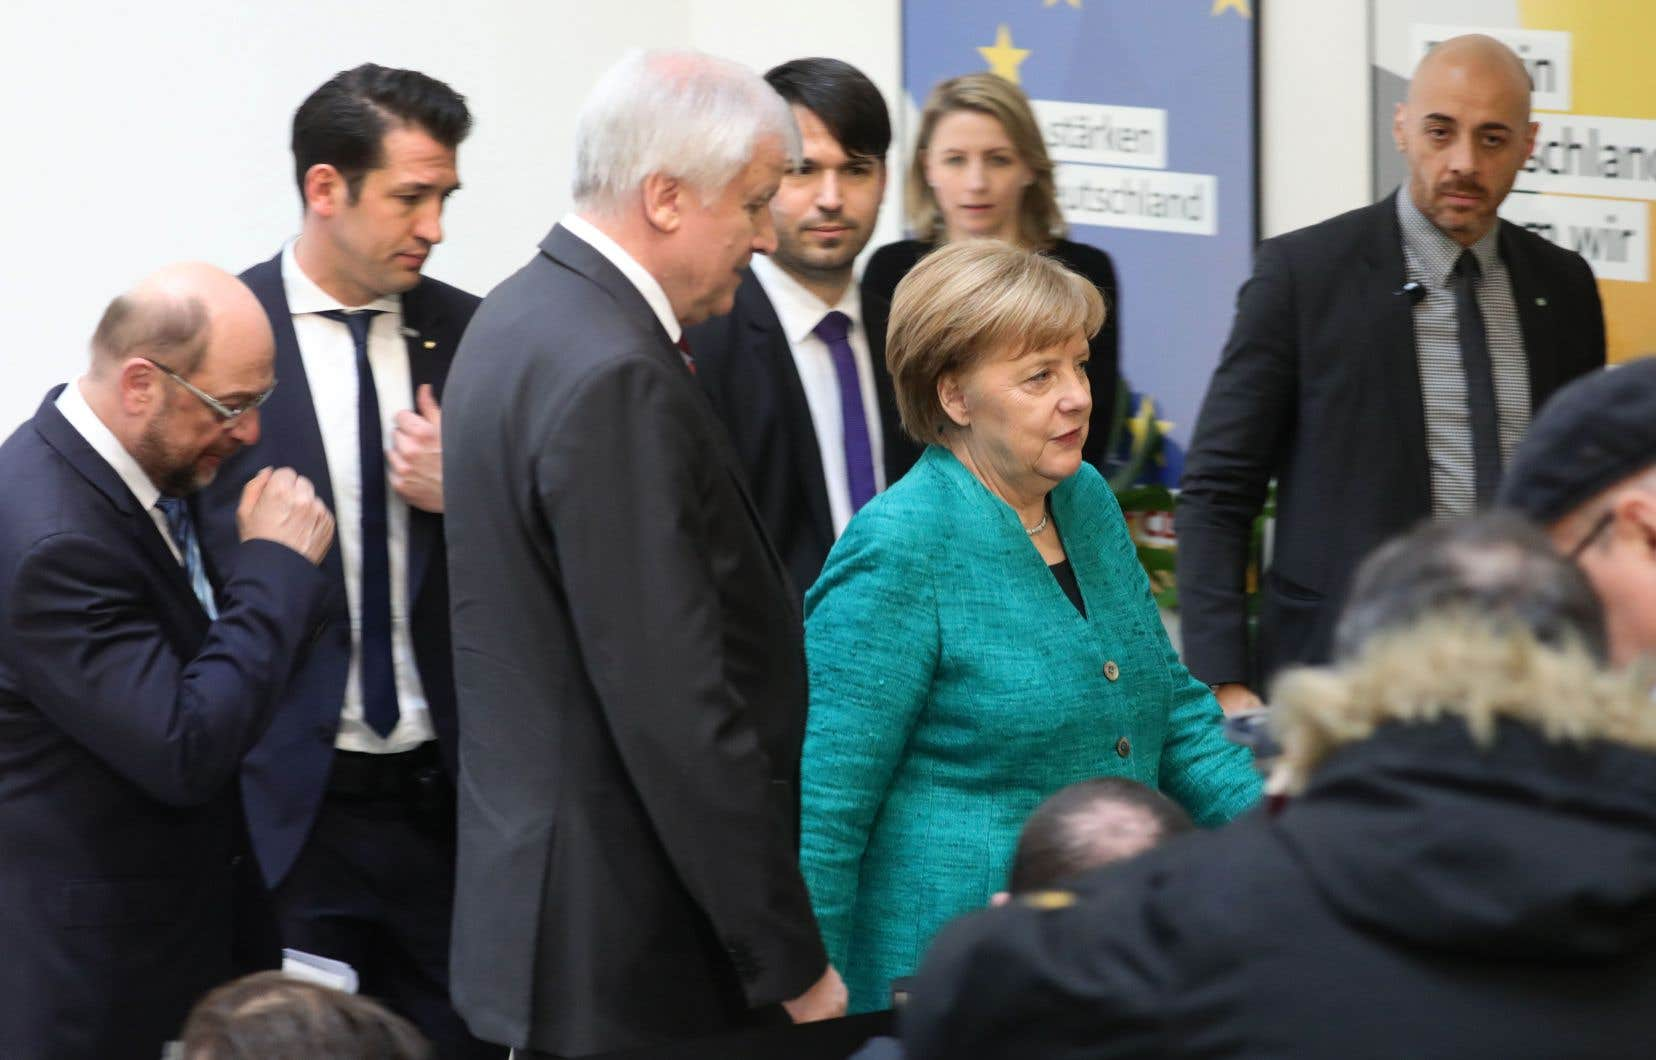 Soulagement en Allemagne, Merkel vers un quatrième mandat